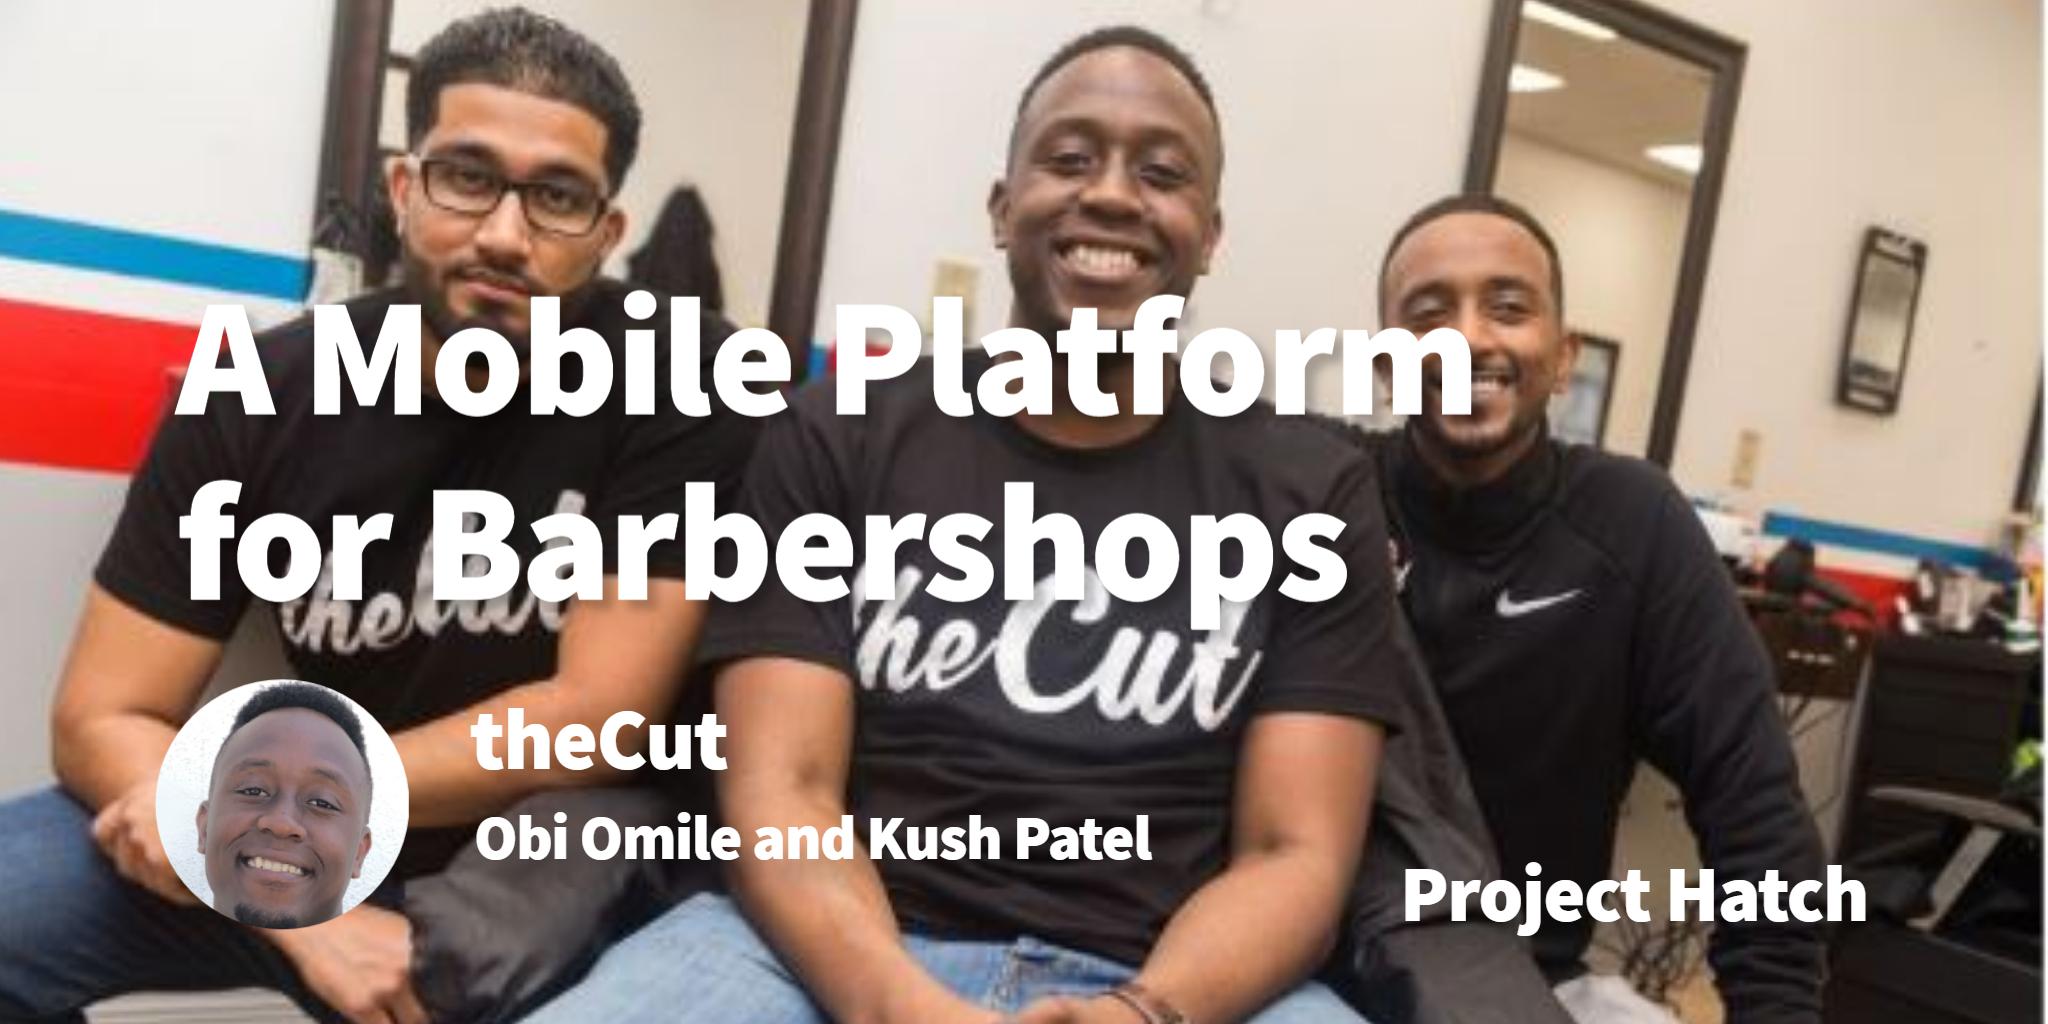 theCut Obi Omile and Kush Patel